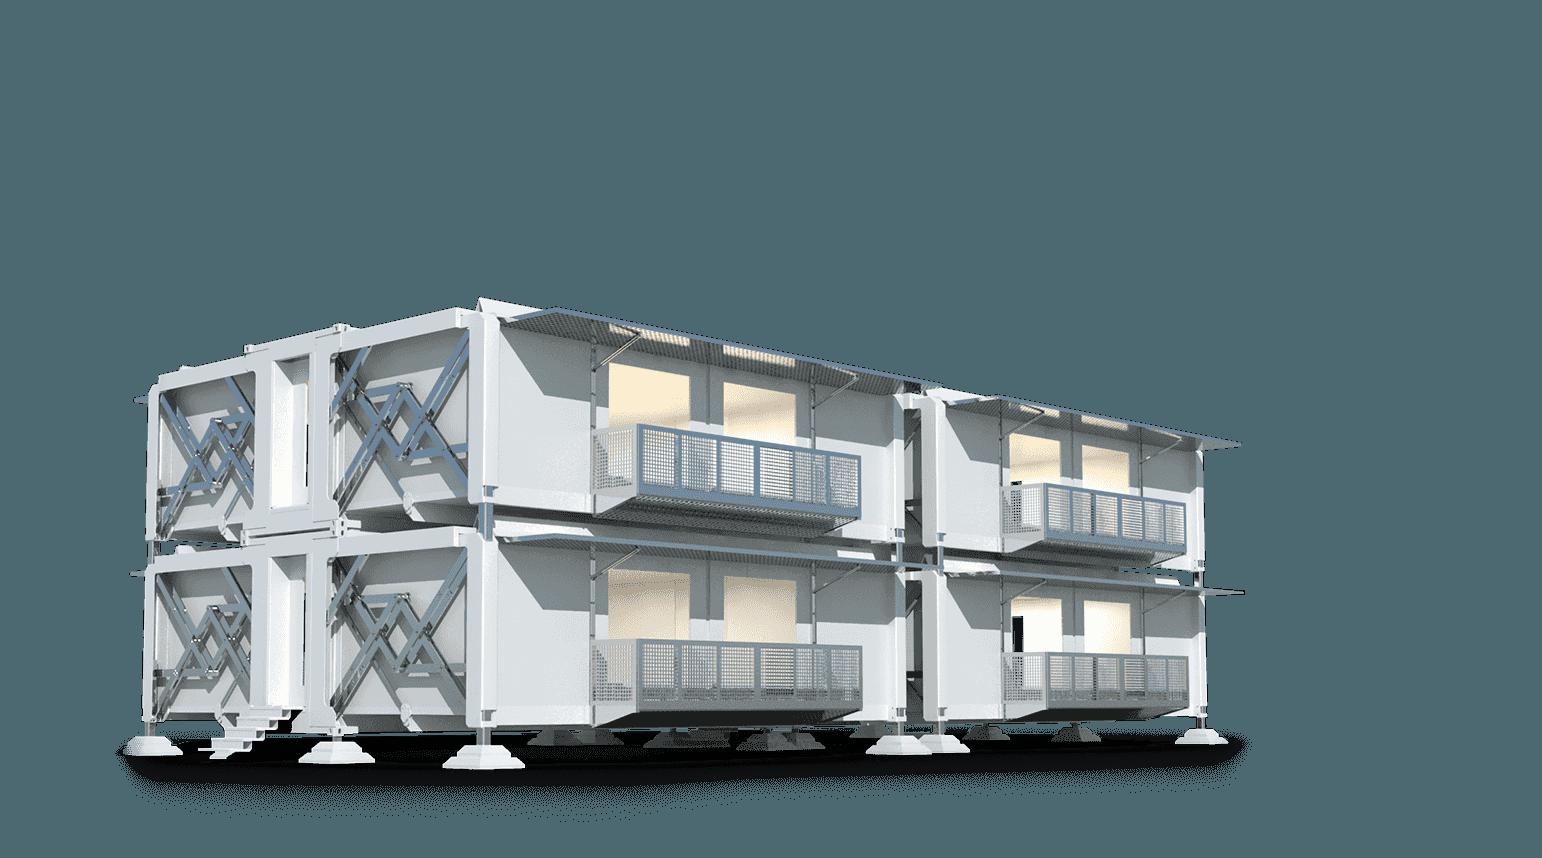 Casas modulares apiladas